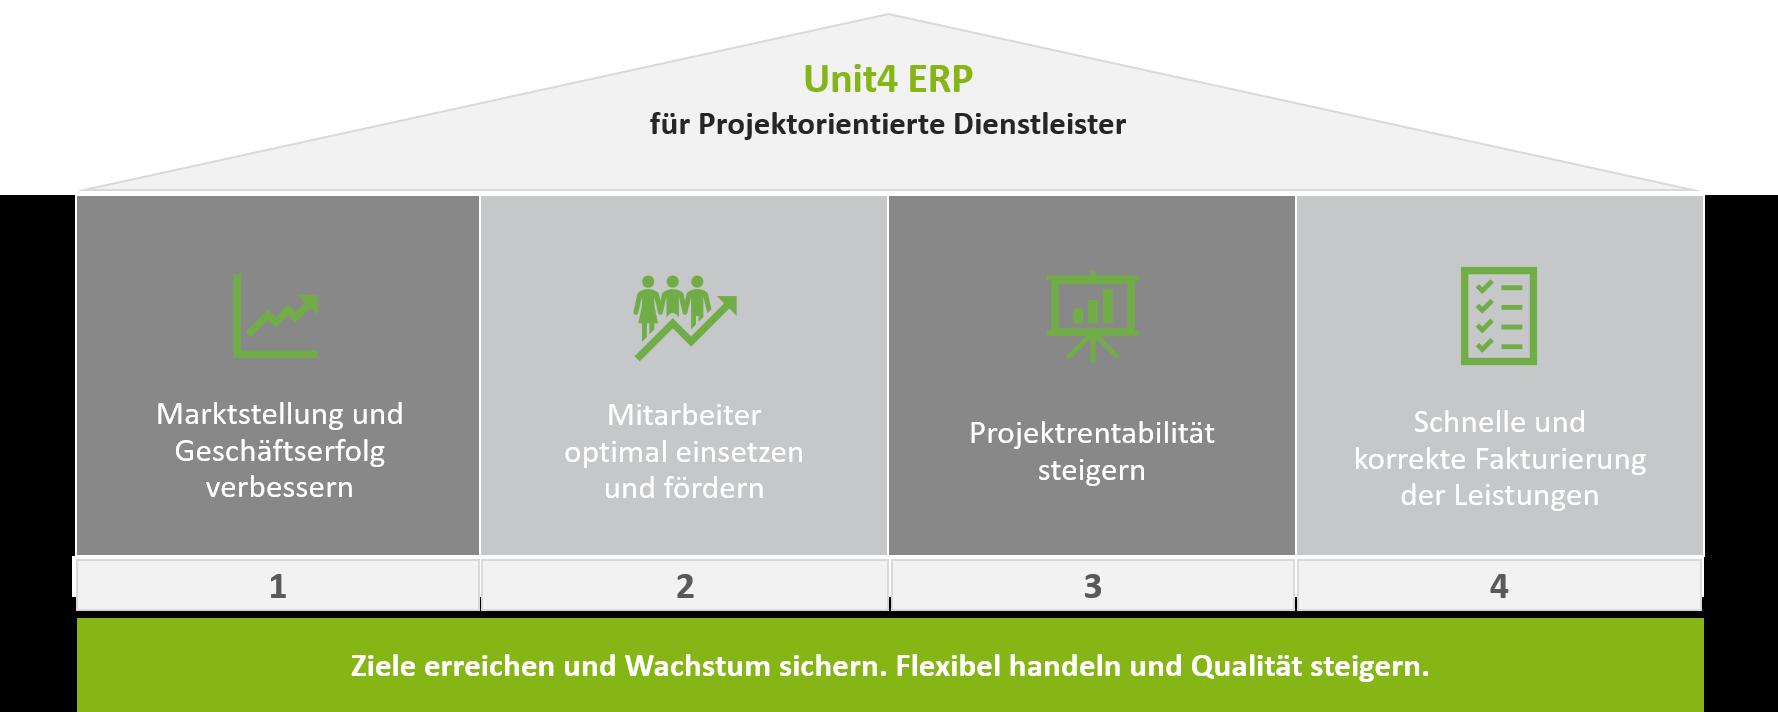 Projektorientierte Dienstleister - Unit4 ERP